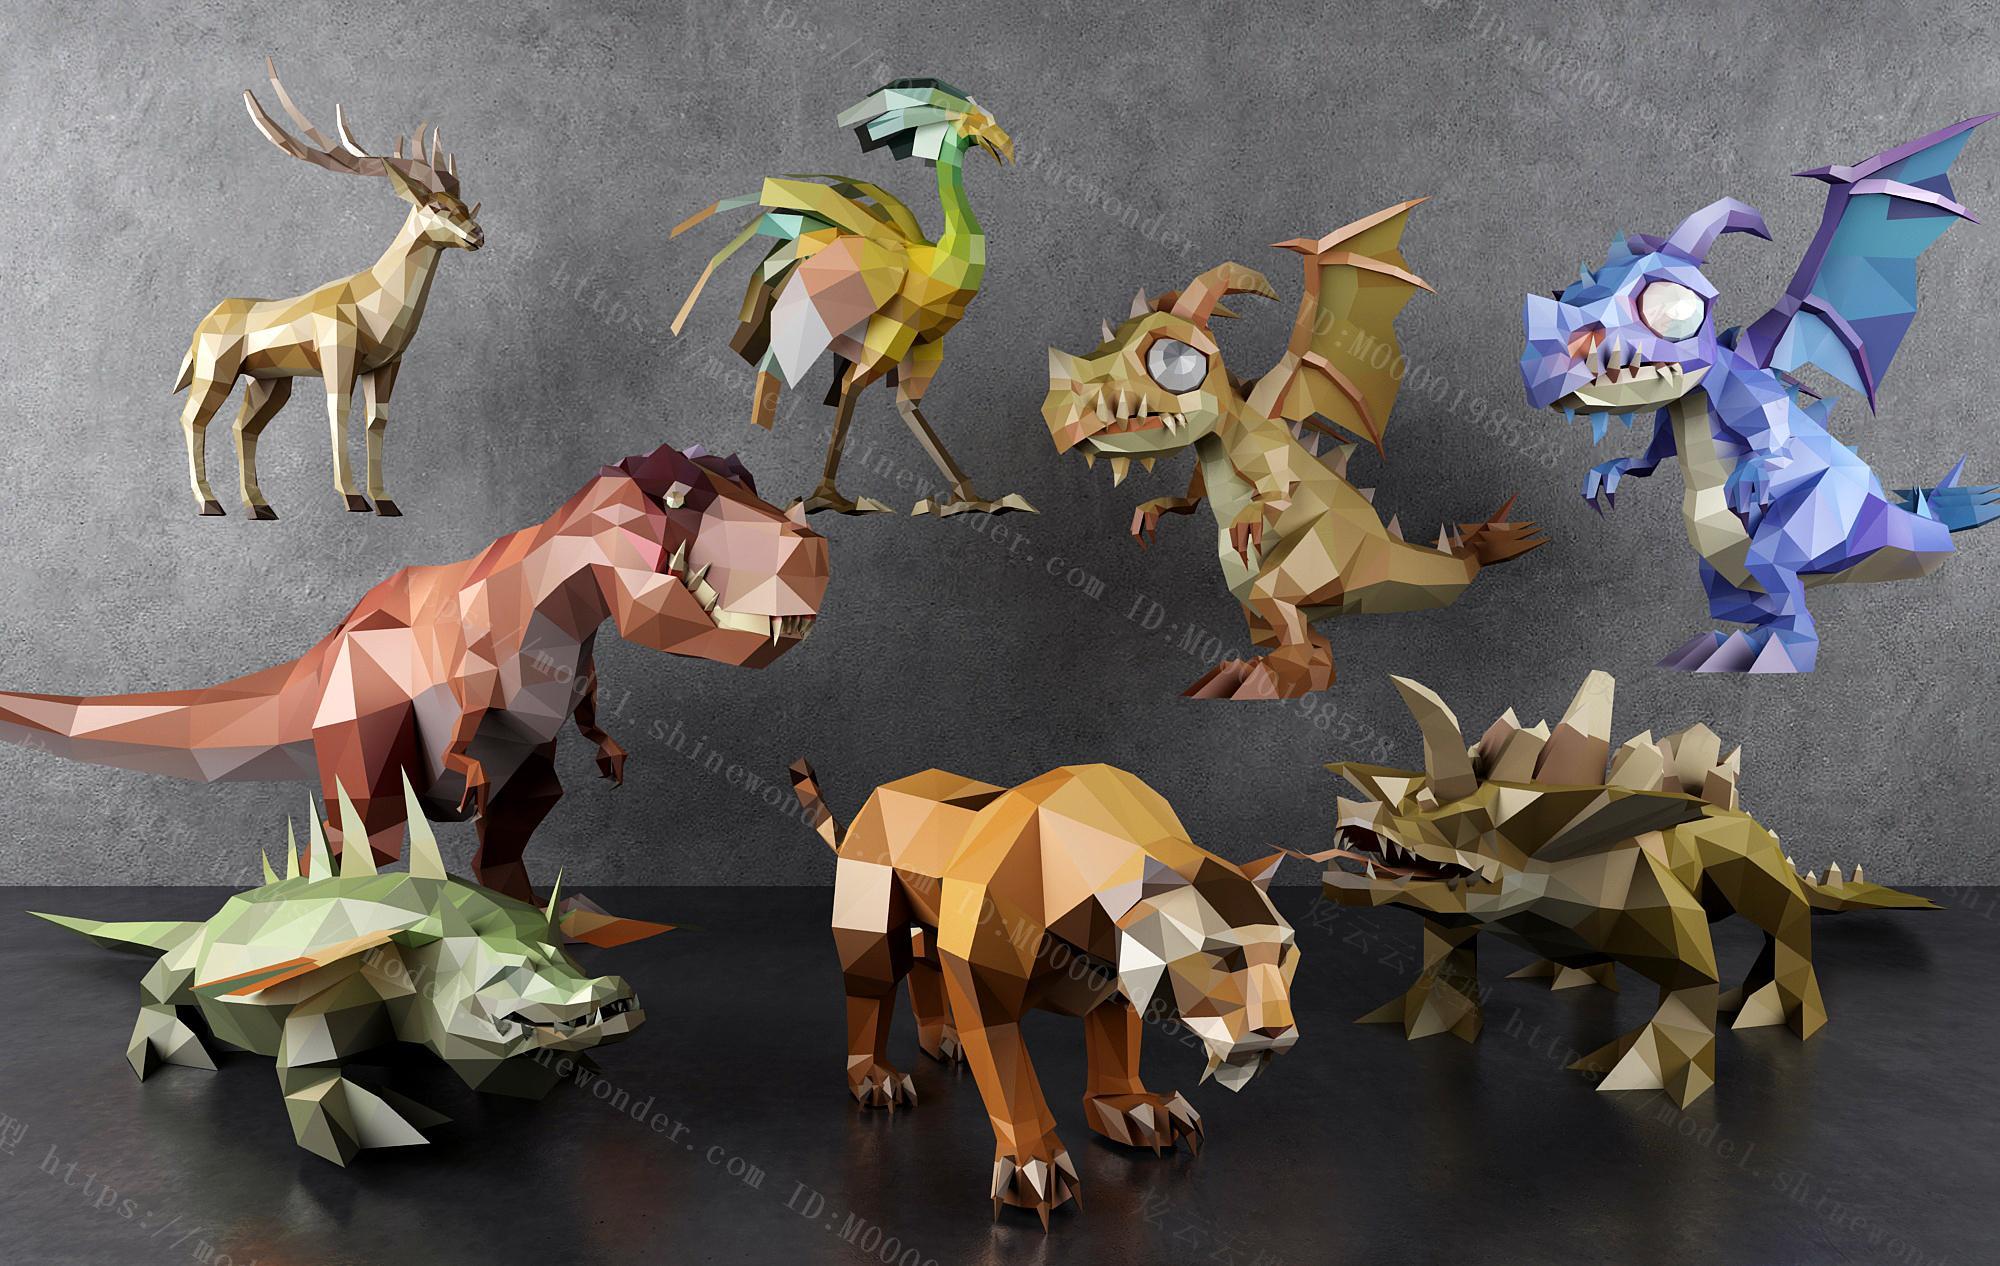 现代几何动物雕塑摆件模型